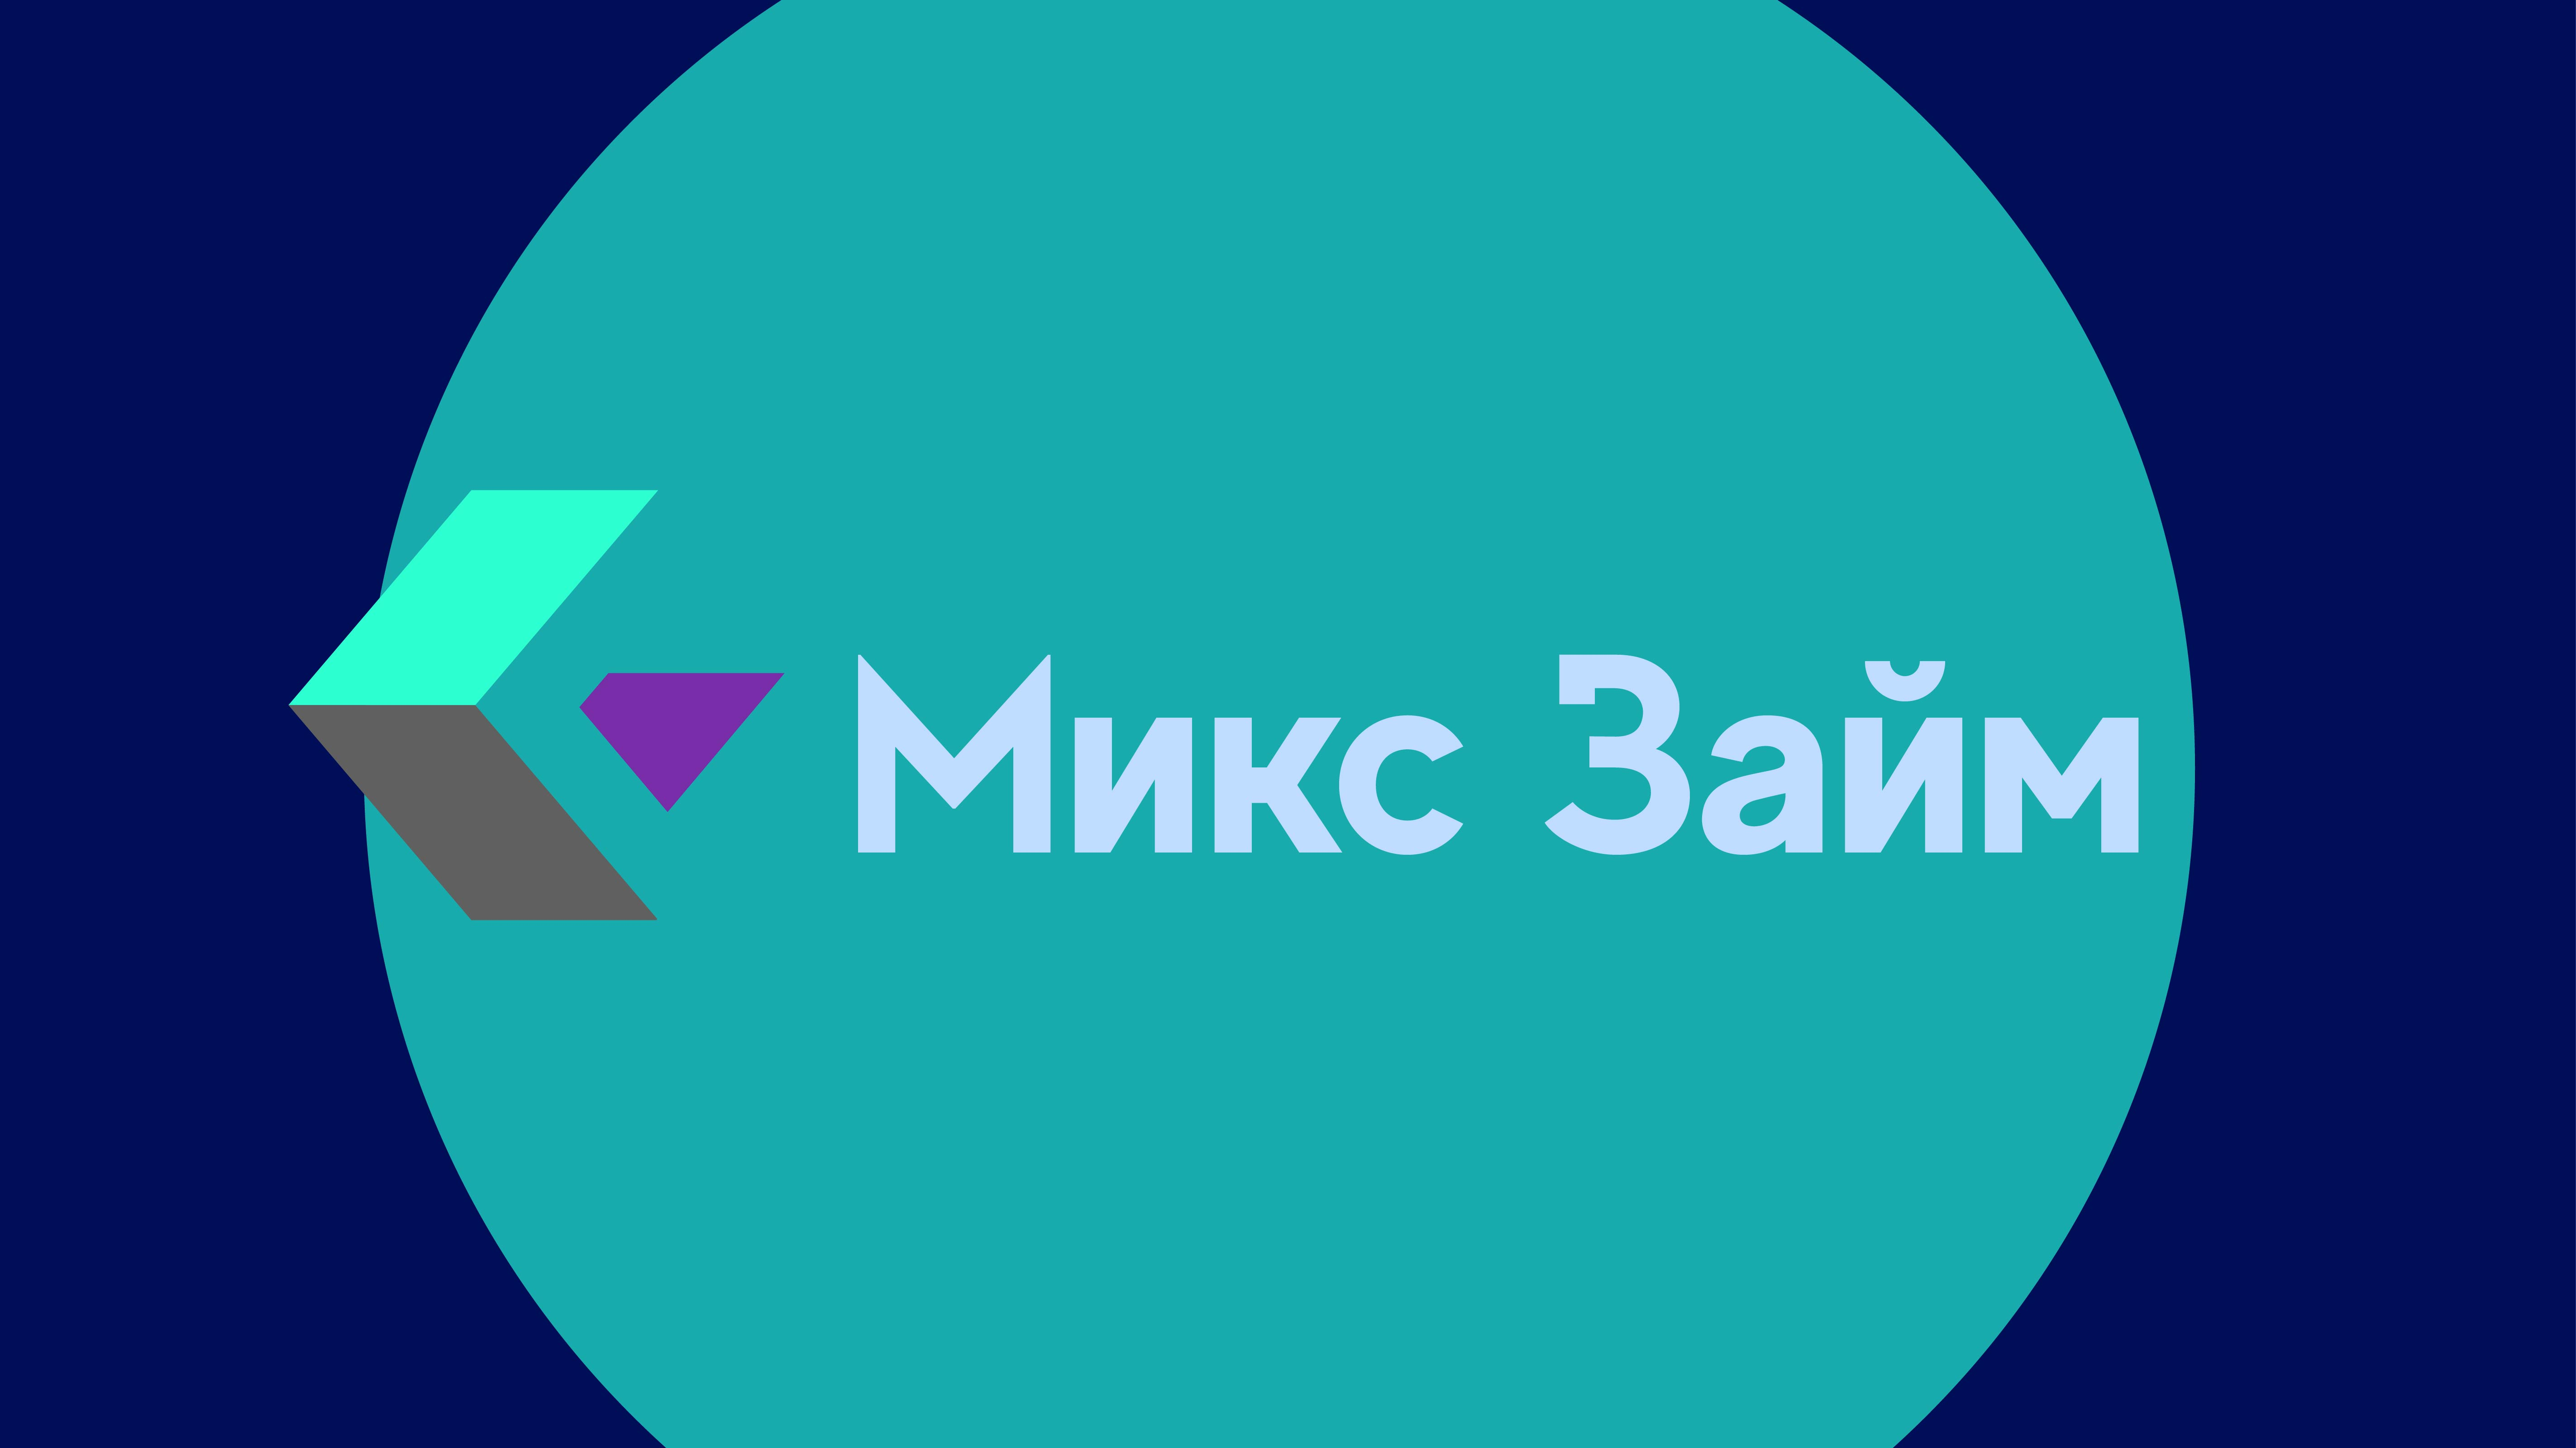 Разработать логотип фото f_3205ad615473e903.jpg